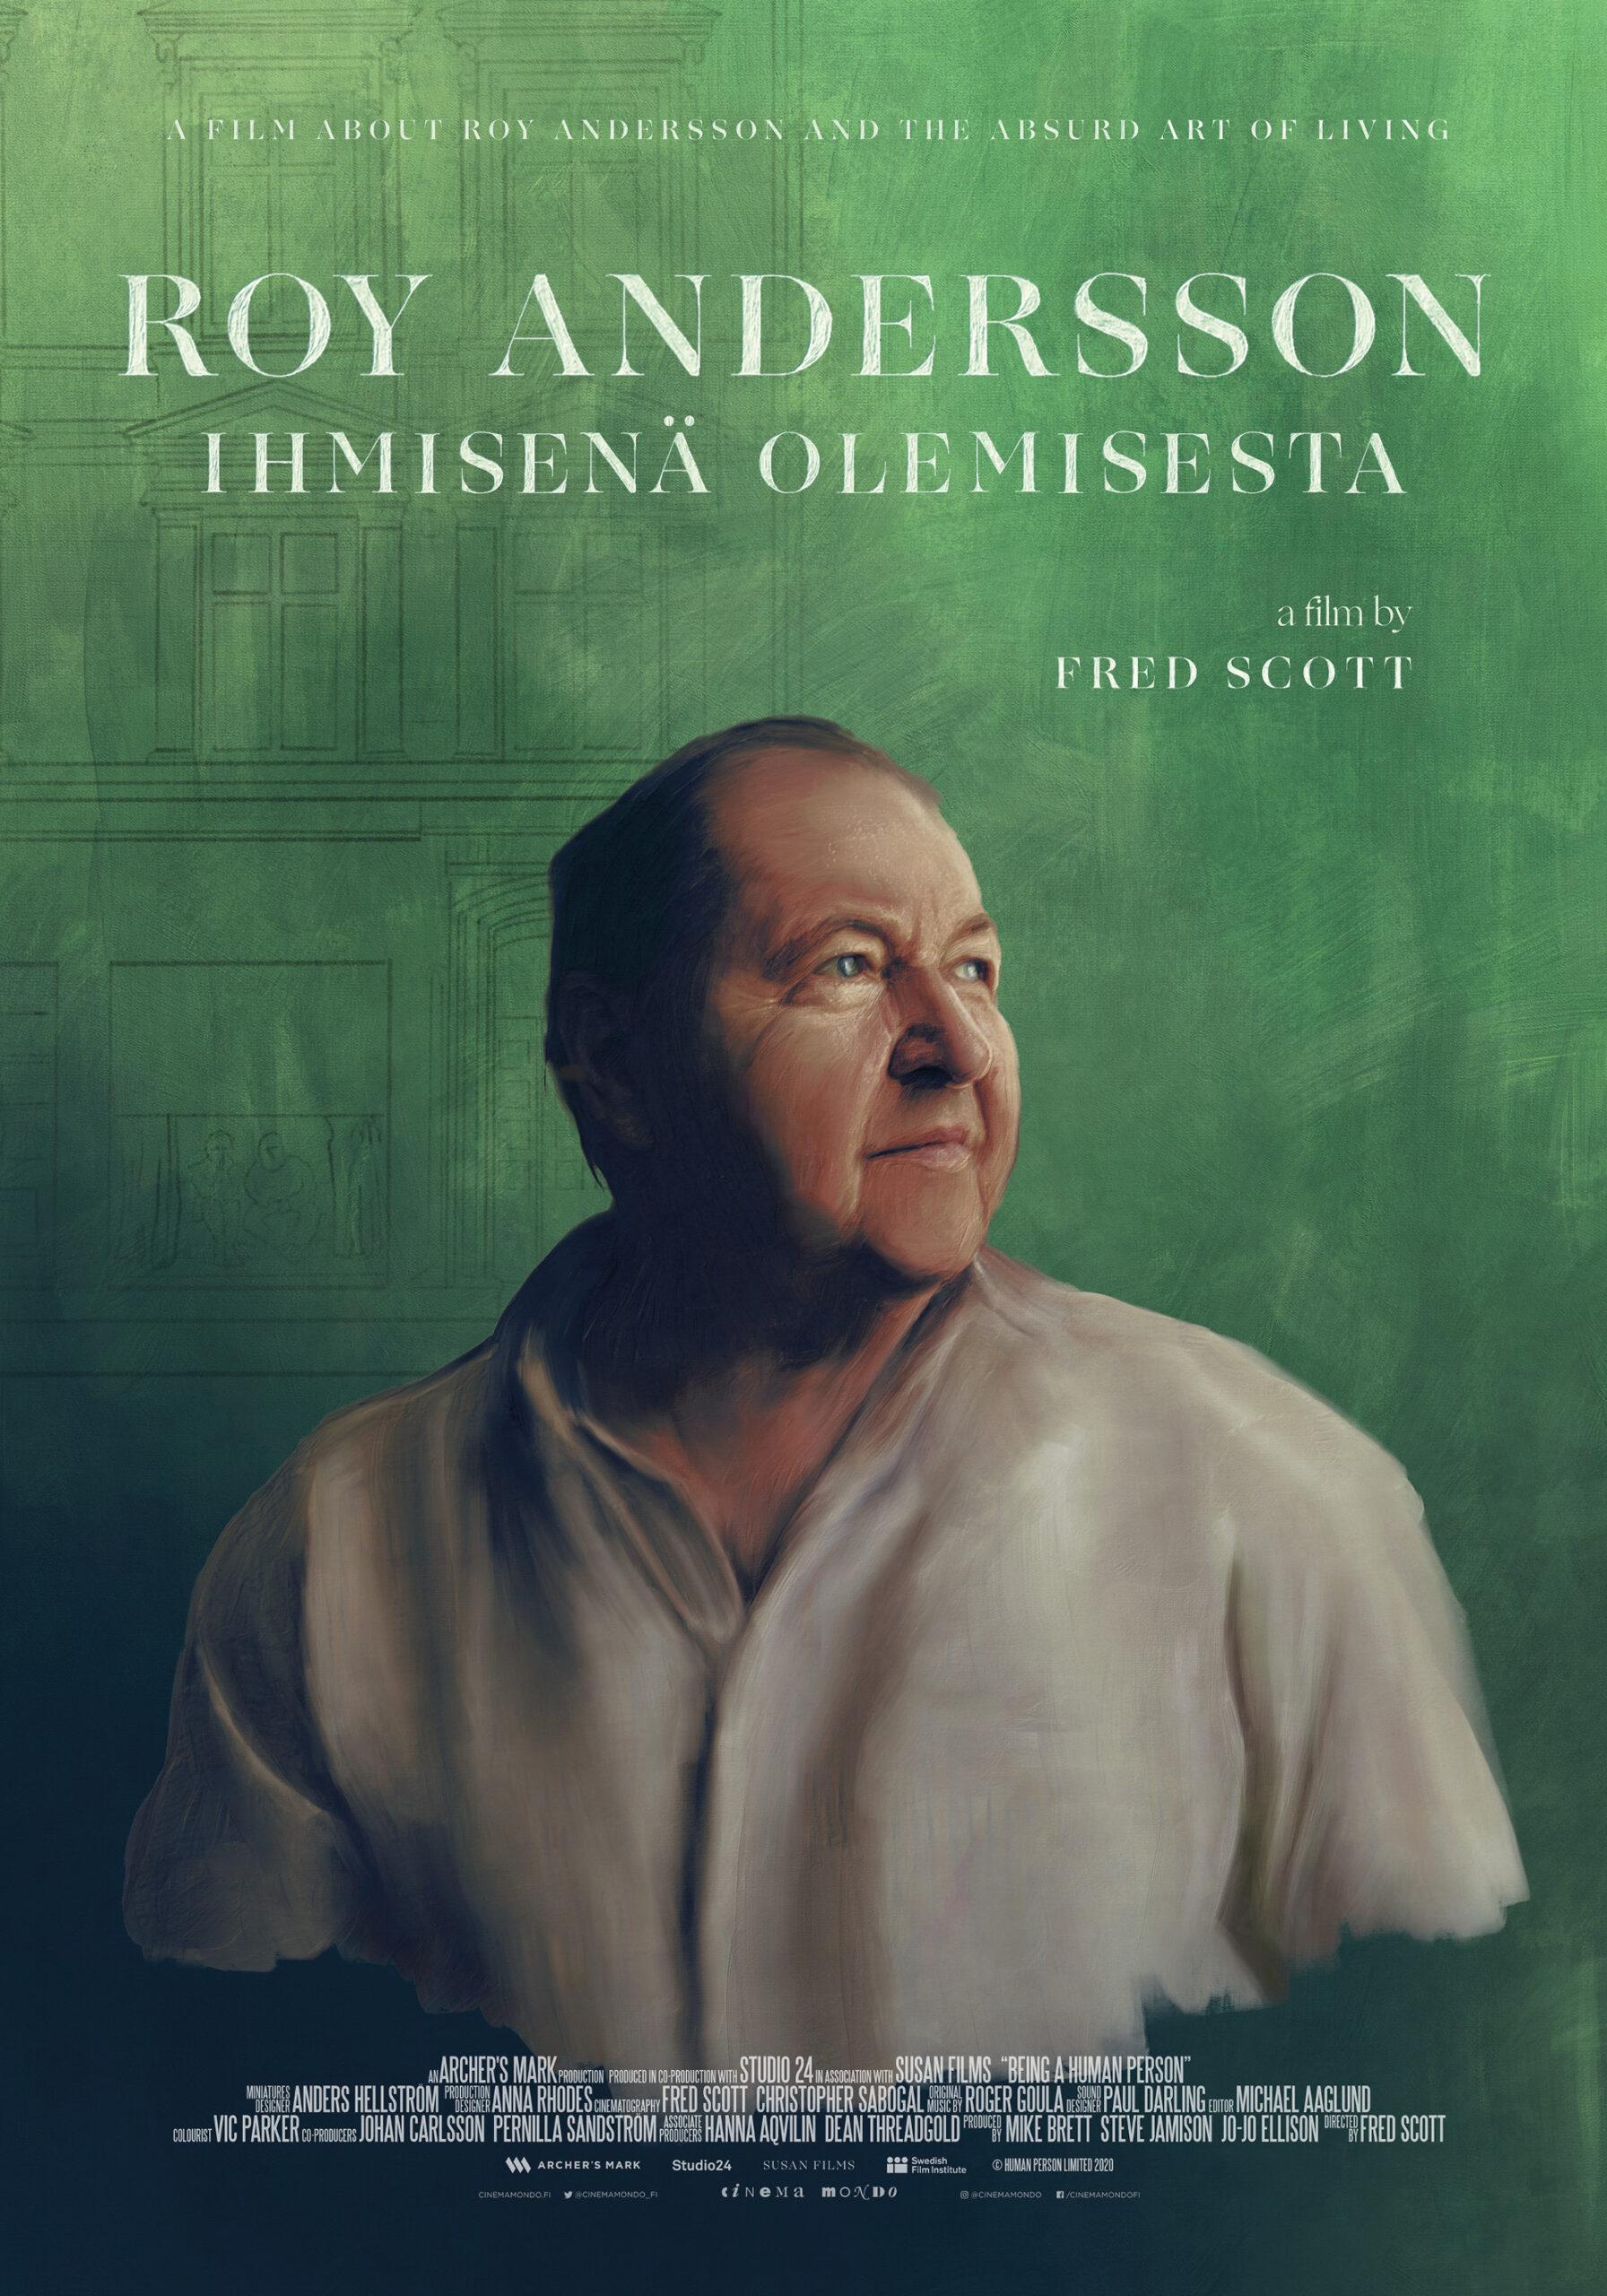 Roy Andersson: ihmisenä olemisesta